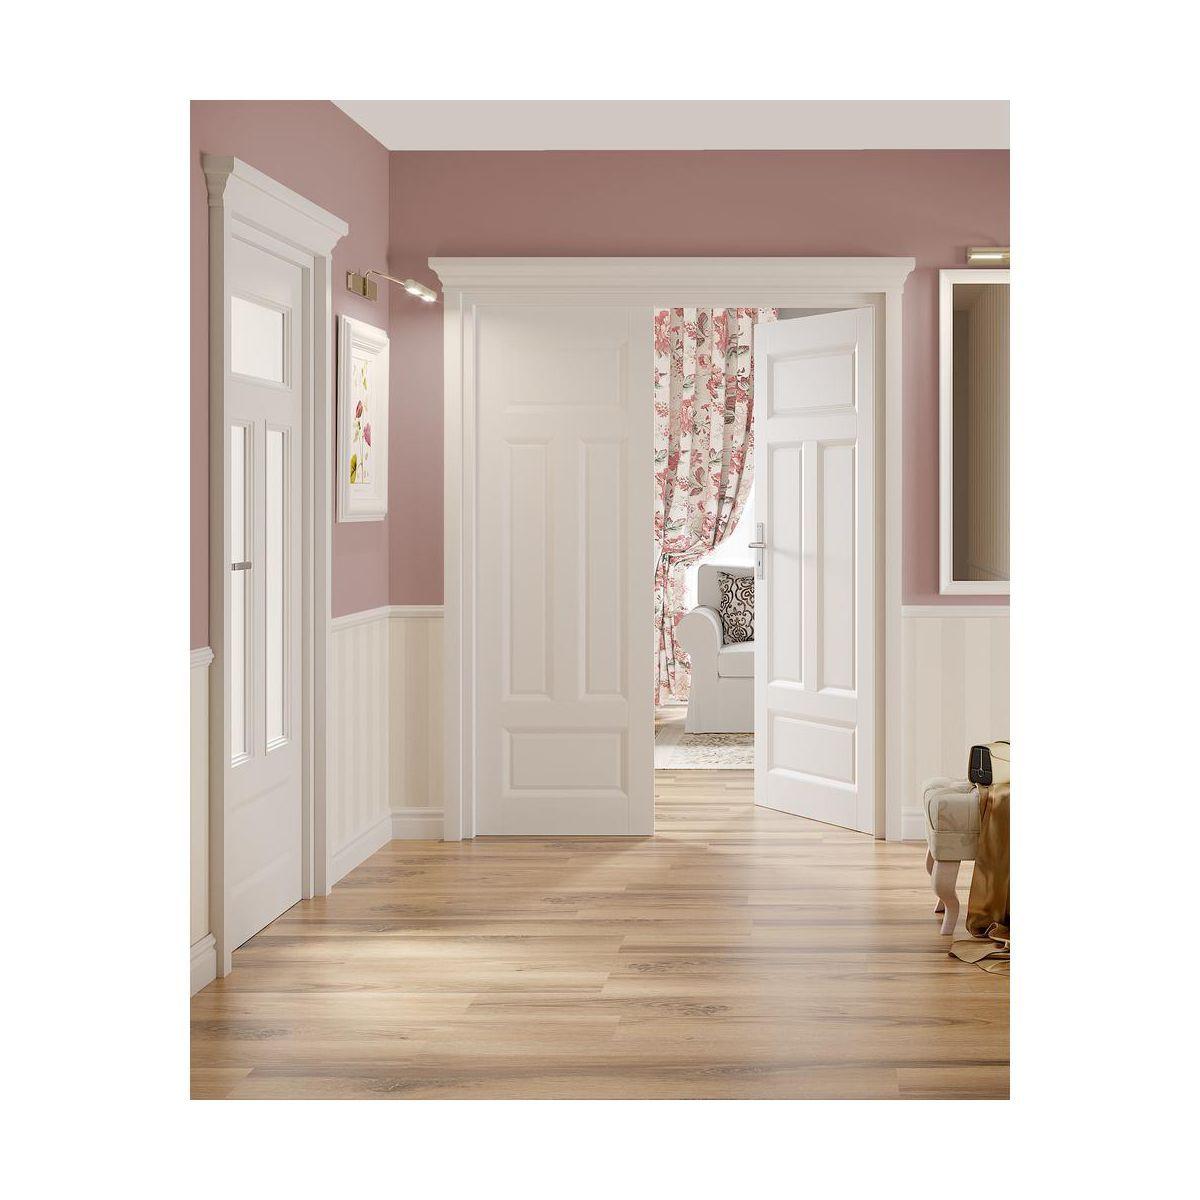 Skrzydlo Drzwiowe Bierne Morano Biale 60 Prawe Classen Drzwi Wewnetrzne W Atrakcyjnej Cenie W Sklepach Leroy Merlin Home Home Decor Room Divider